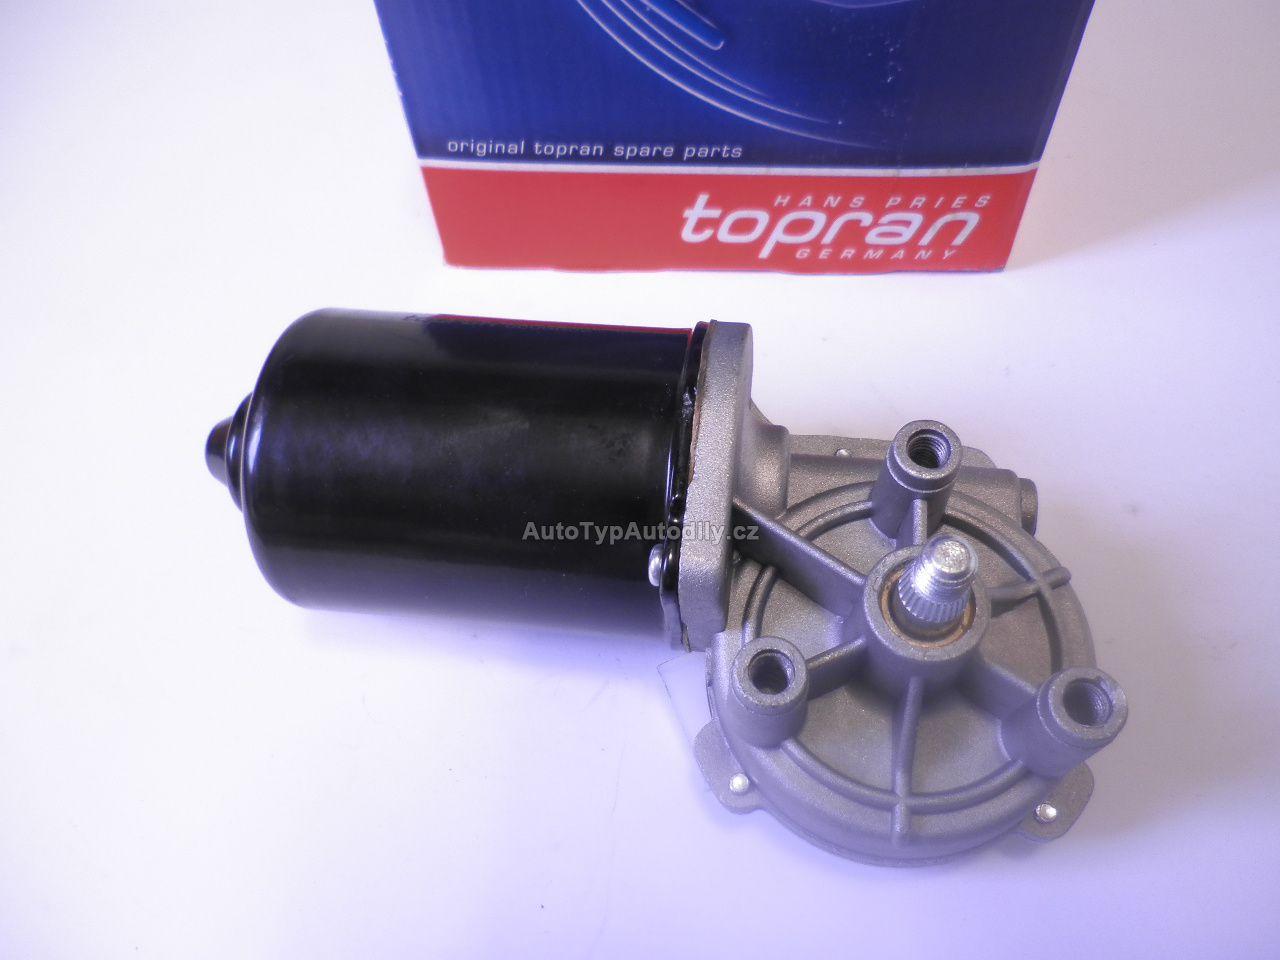 www.autotypautodily.cz Motorek stěrače Škoda Octavia do 2000 přední TOPRAN: 1J1 955 113C TOPRAN - DE